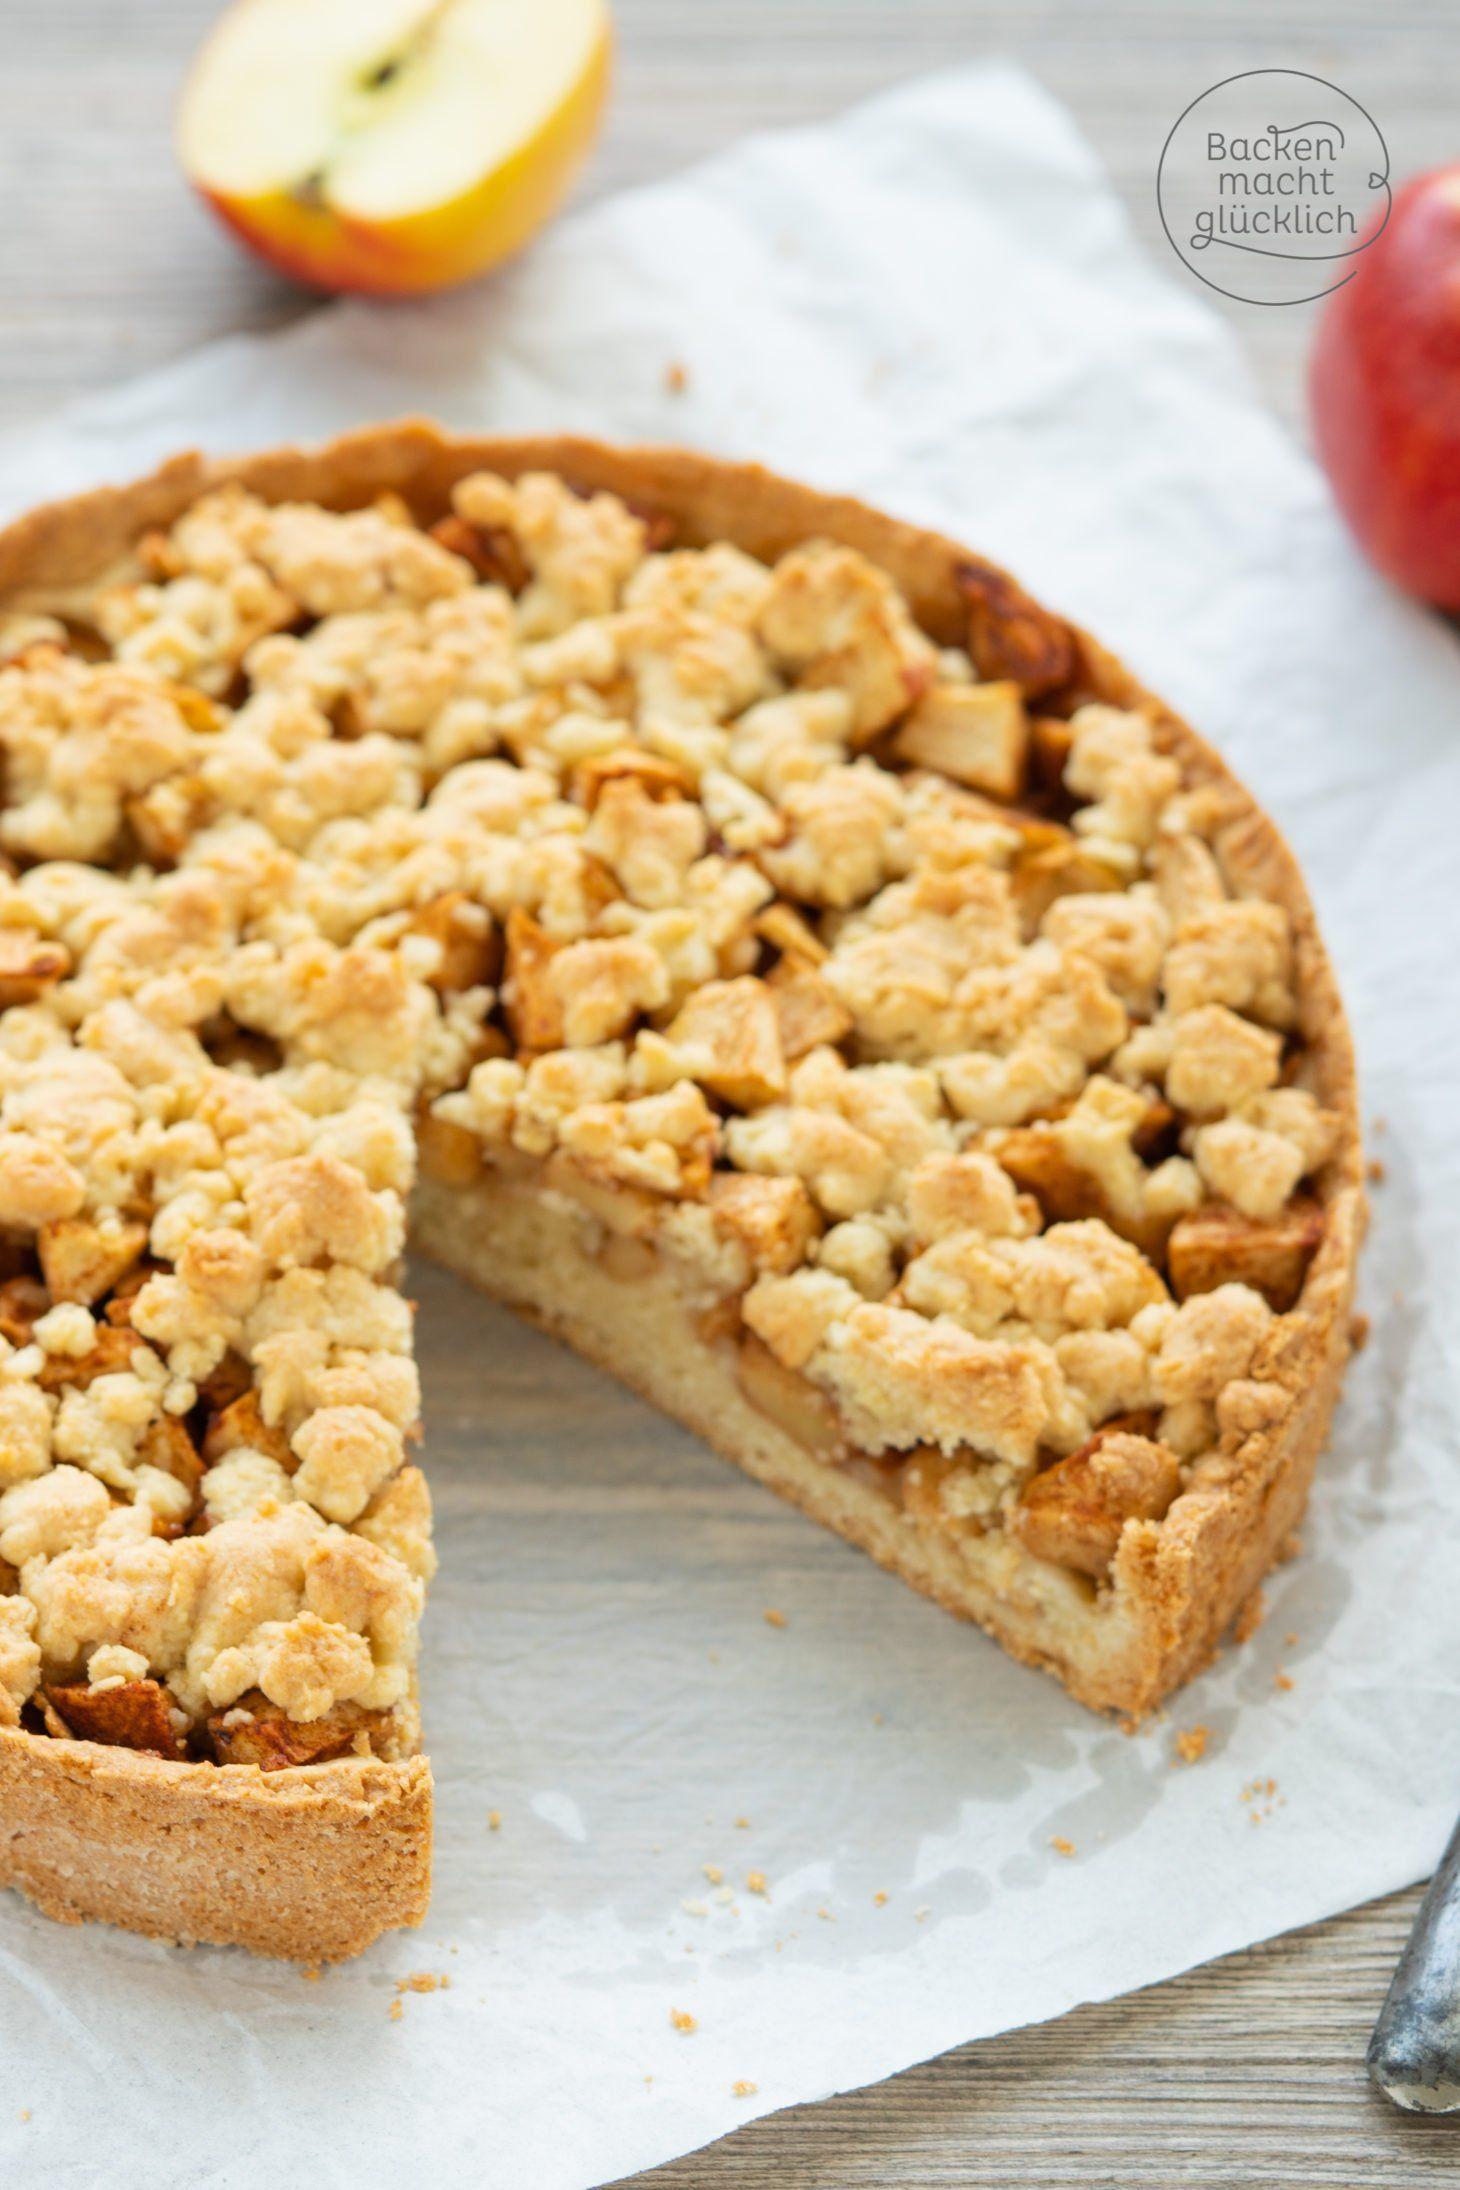 Leckerer Apfel-Streusel-Kuchen | Backen macht glücklich